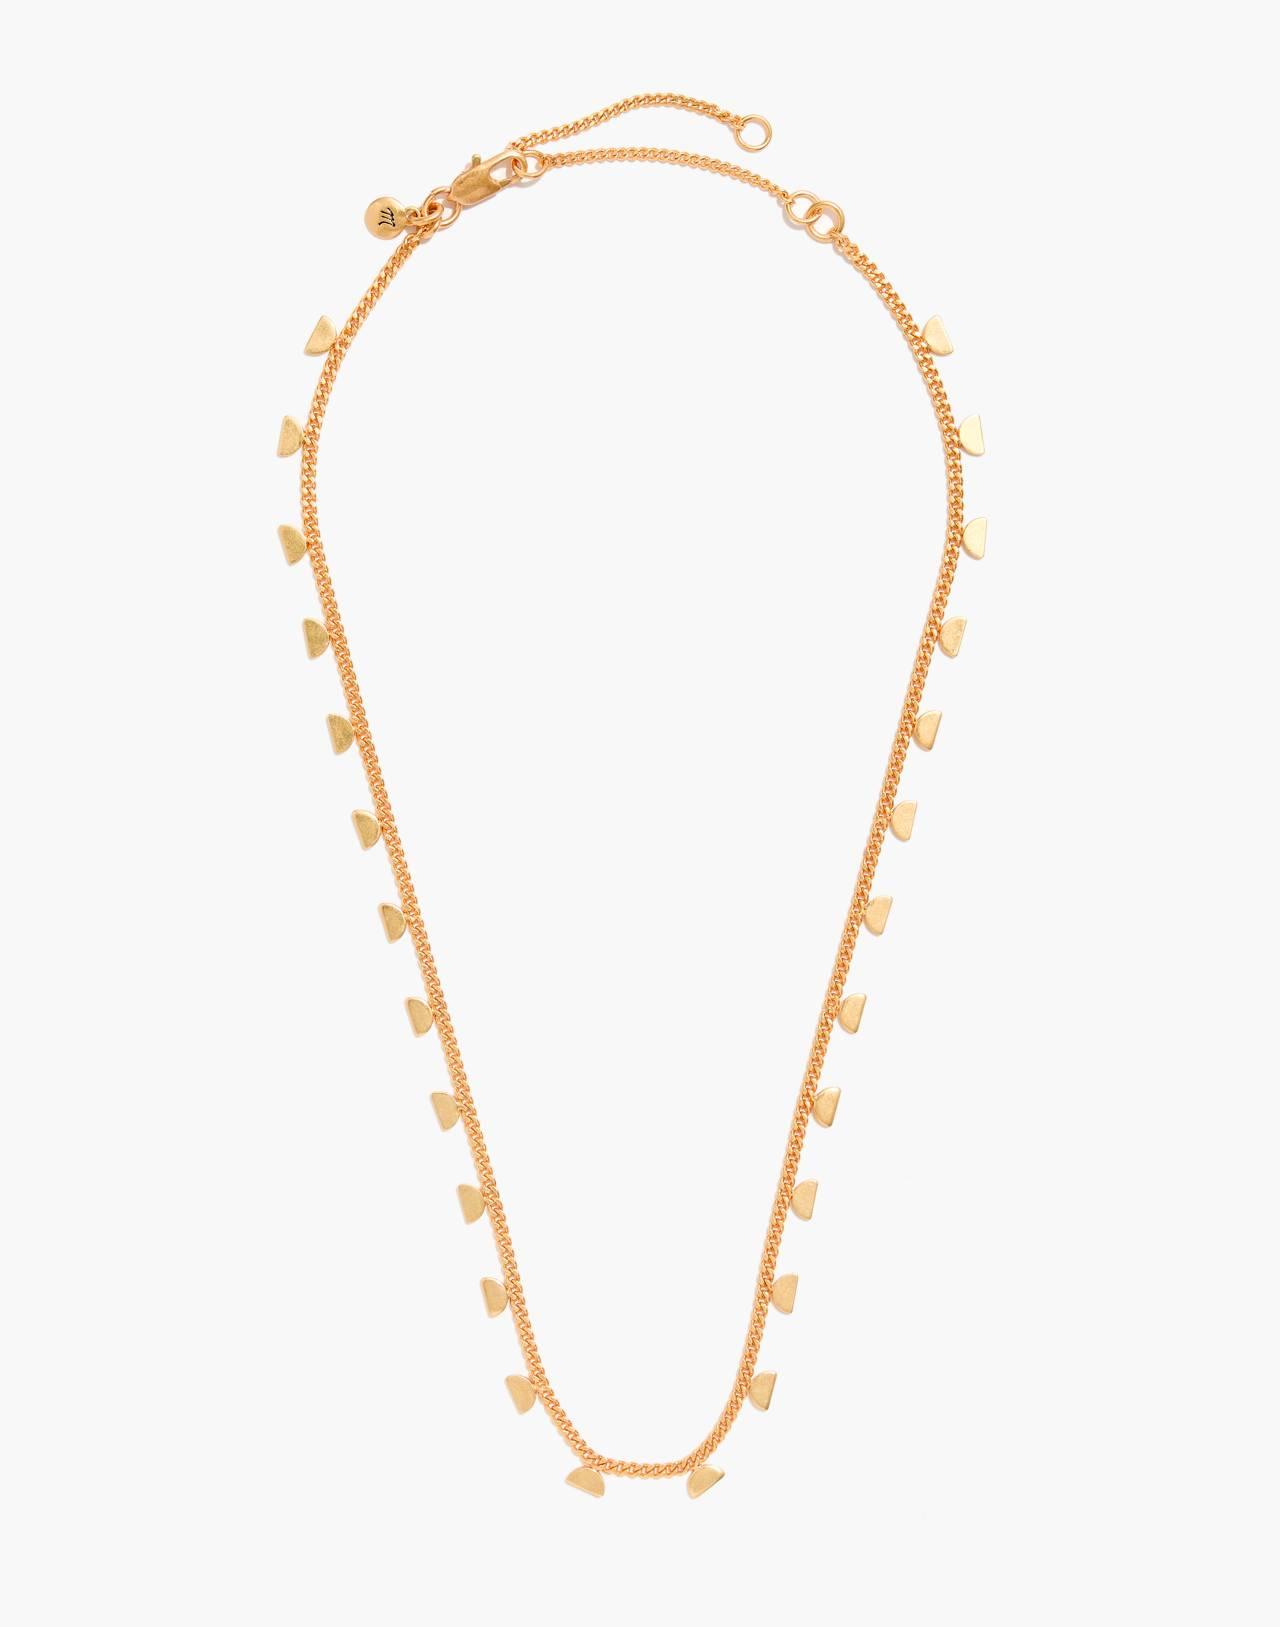 Moonlit Charm Necklace in vintage gold image 2